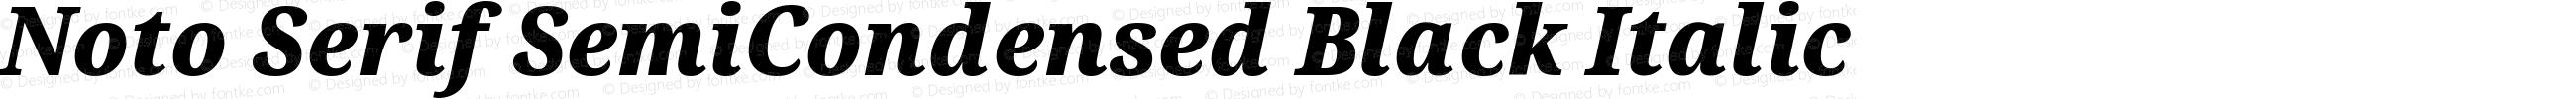 Noto Serif SemiCondensed Black Italic